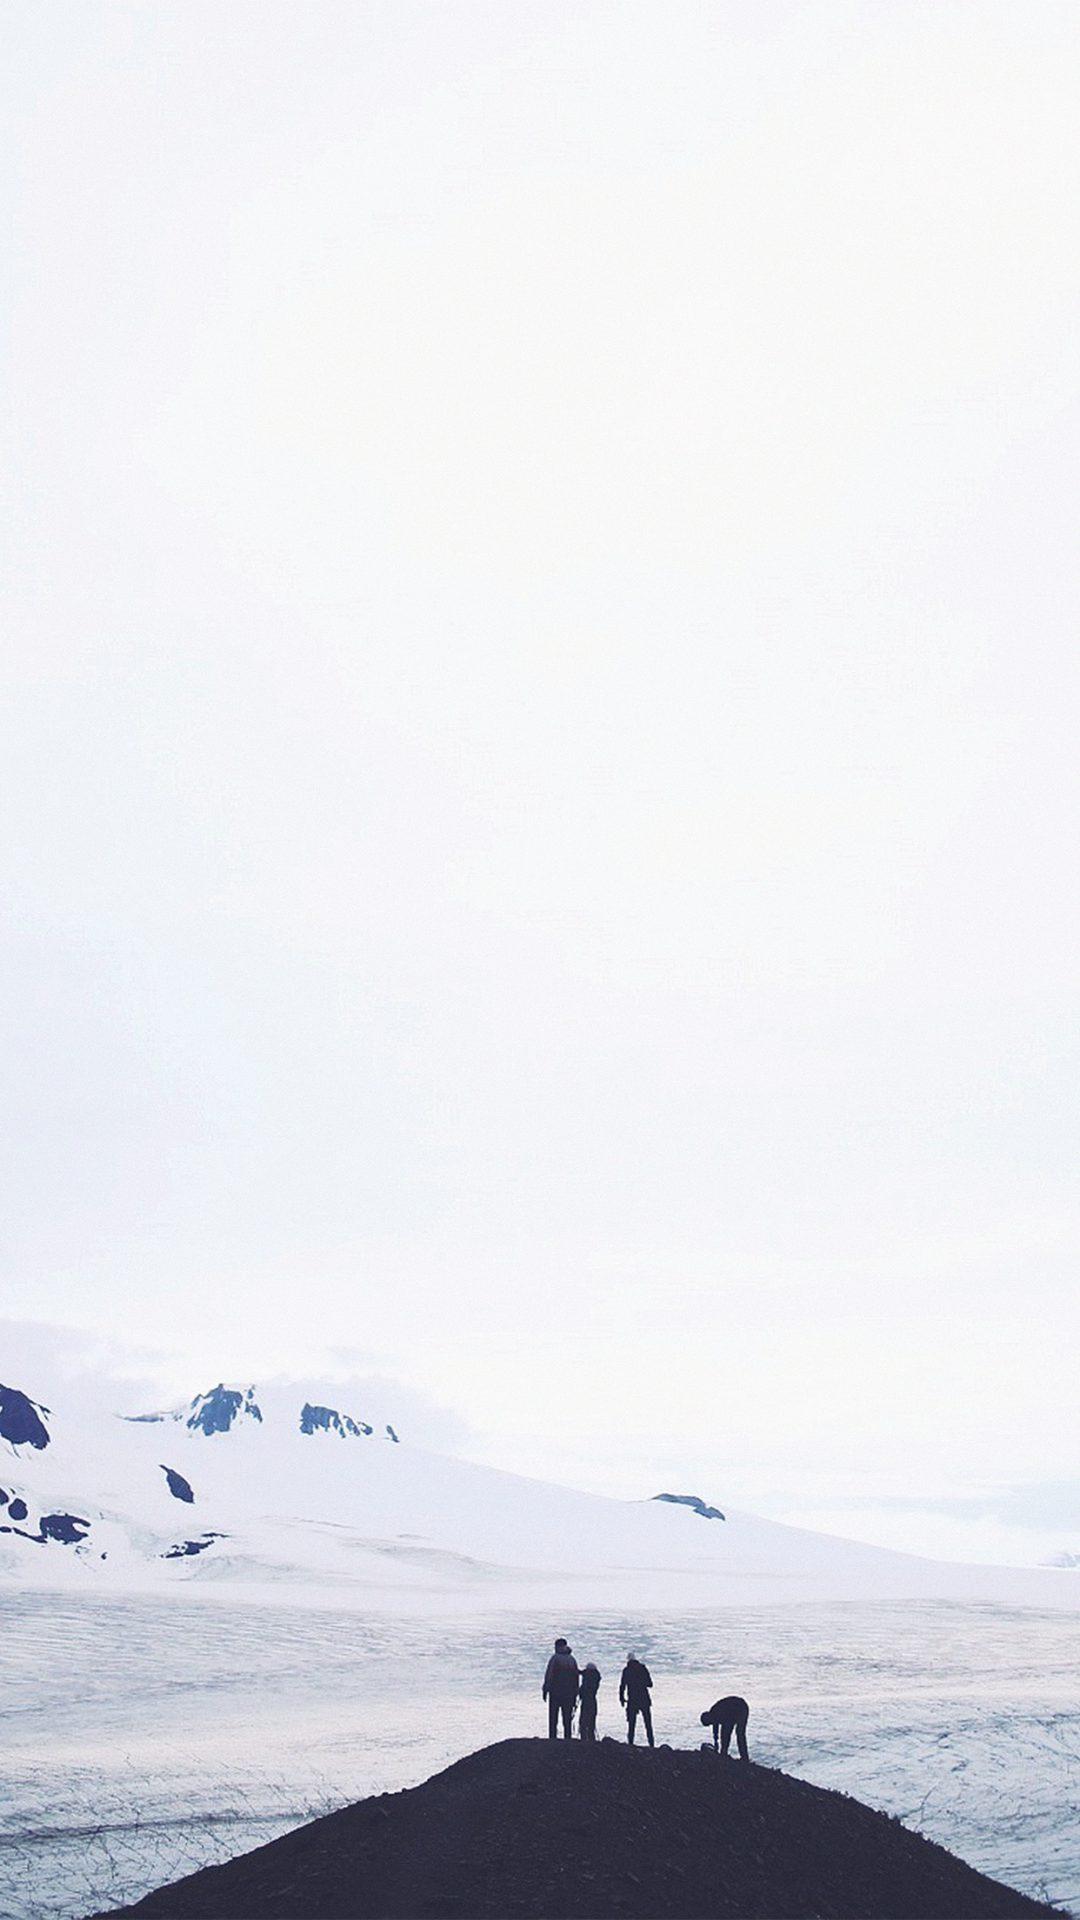 Iceland White Nature Snow Winter Mountain